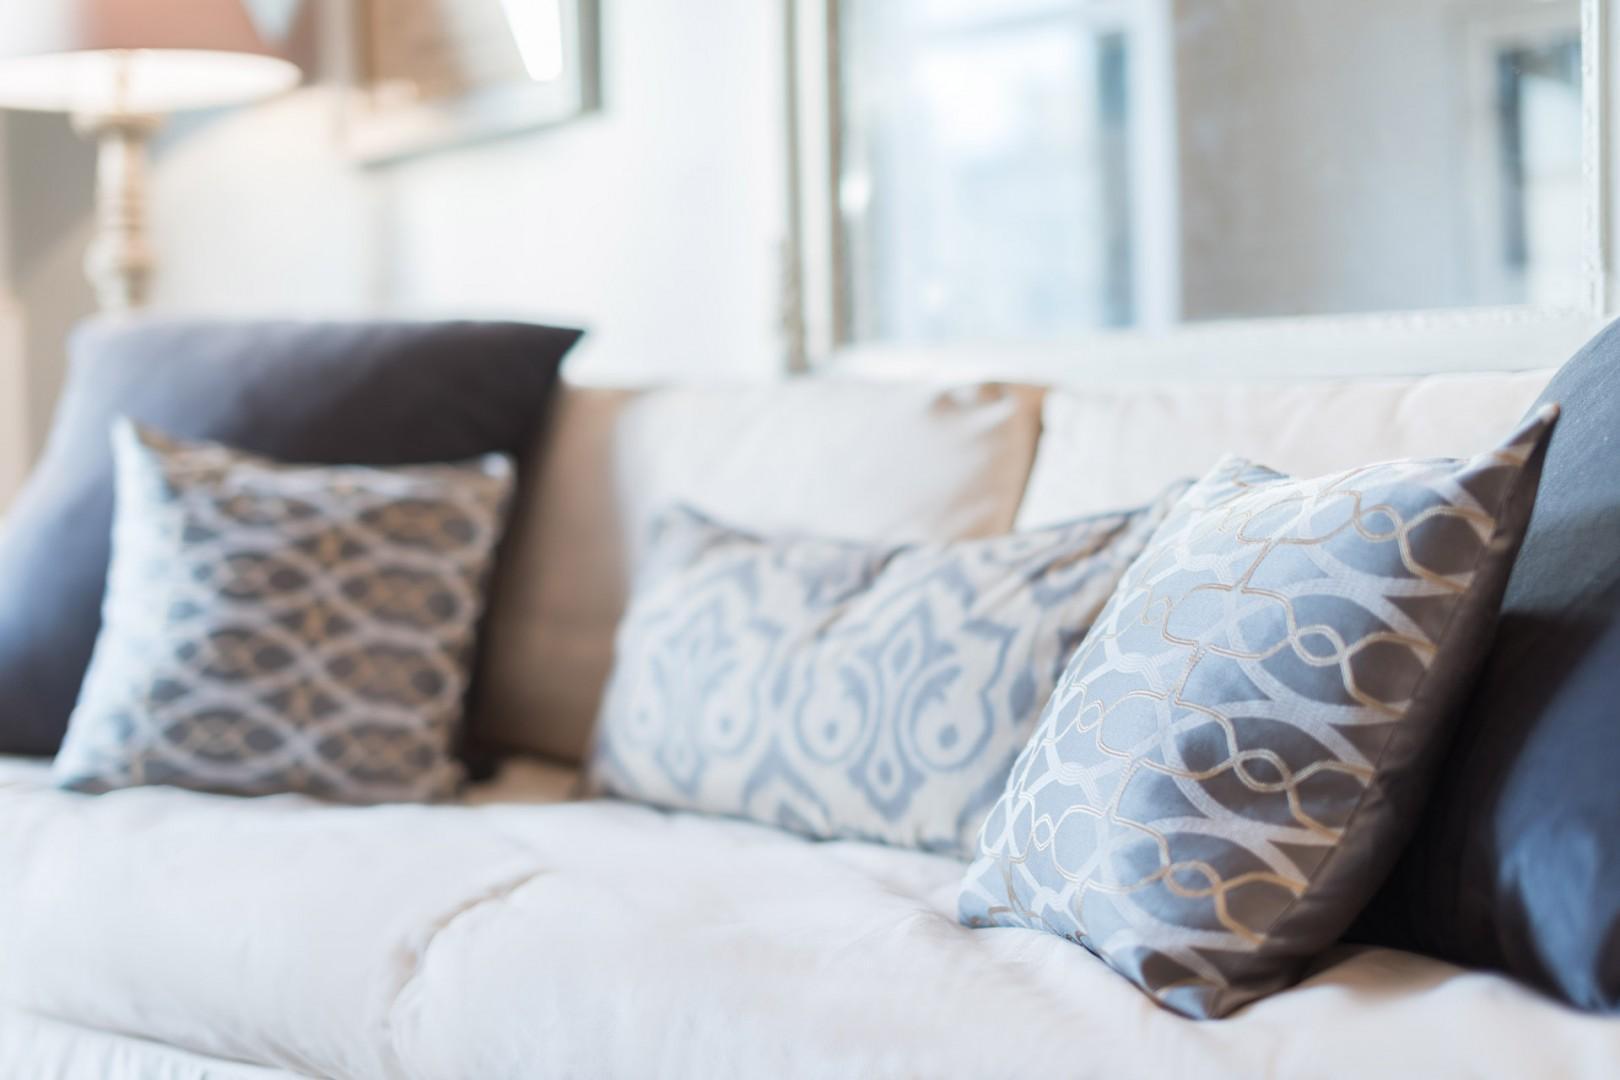 Enjoy the elegant surroundings and stylish touches.